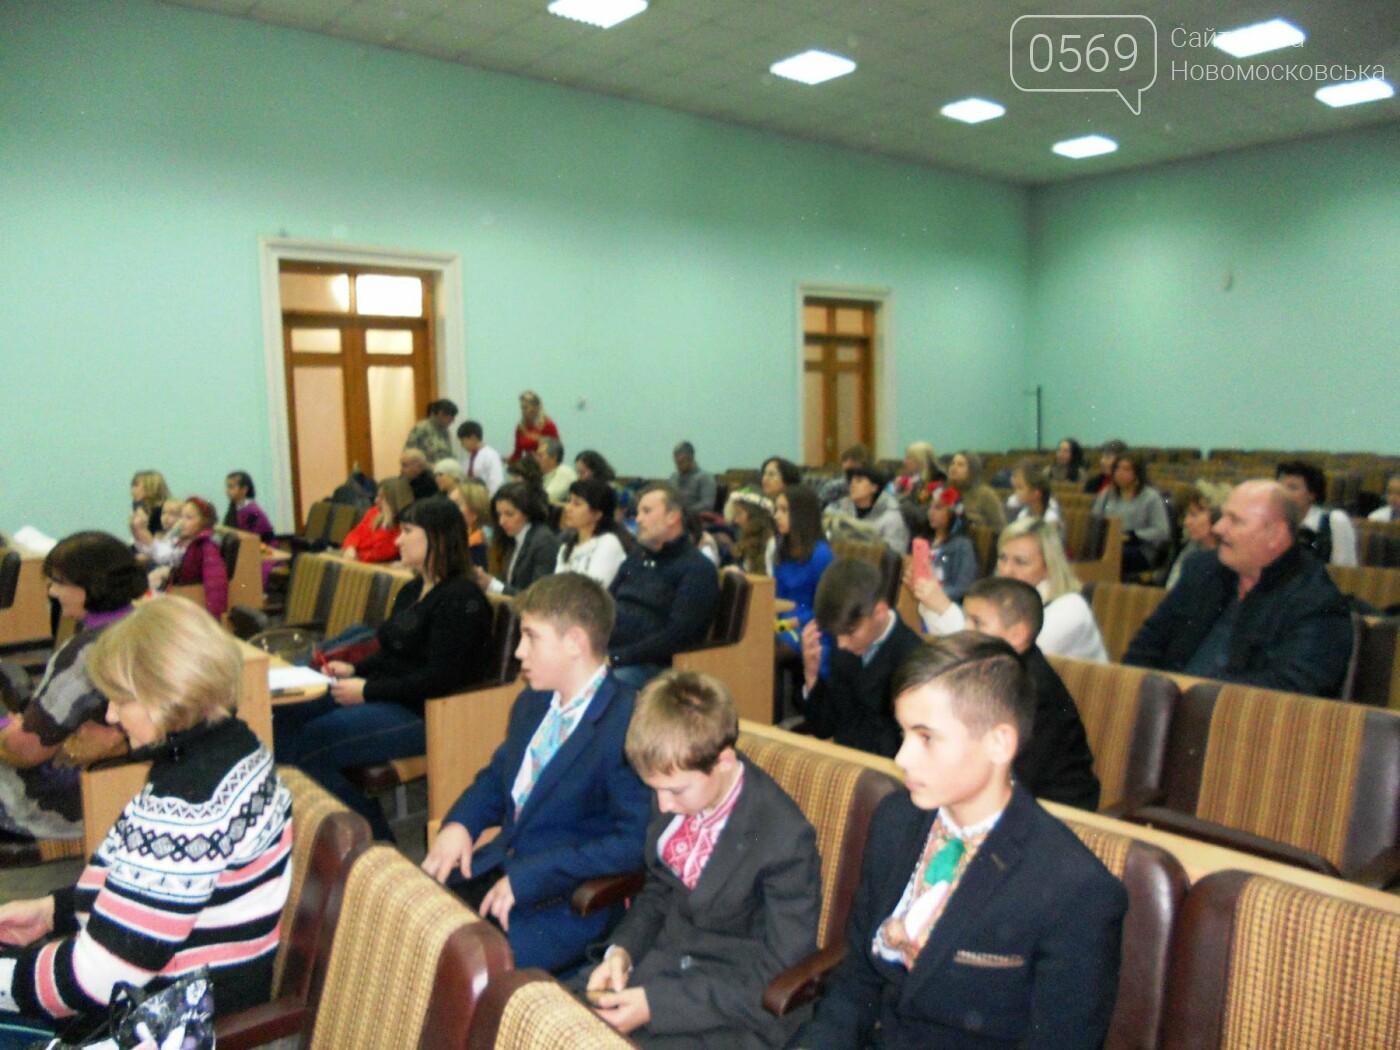 В Новомосковську відбувся перший тур фестивалю «Діамантова нотка», фото-1